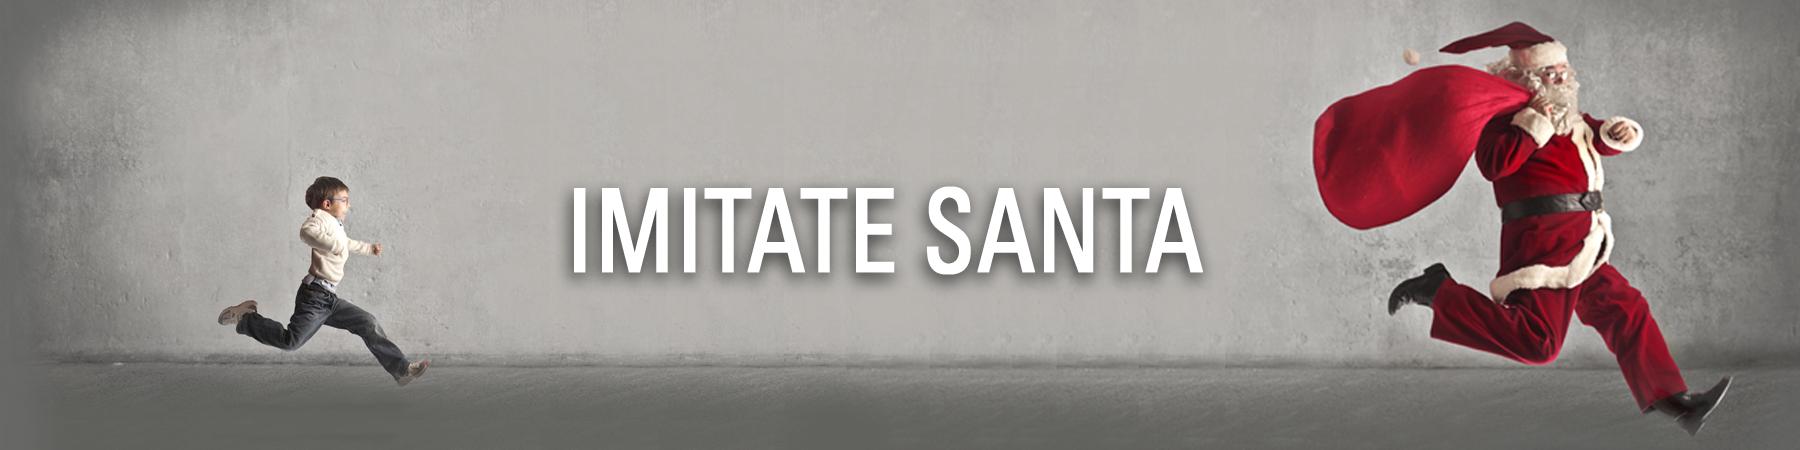 Imitate Santa